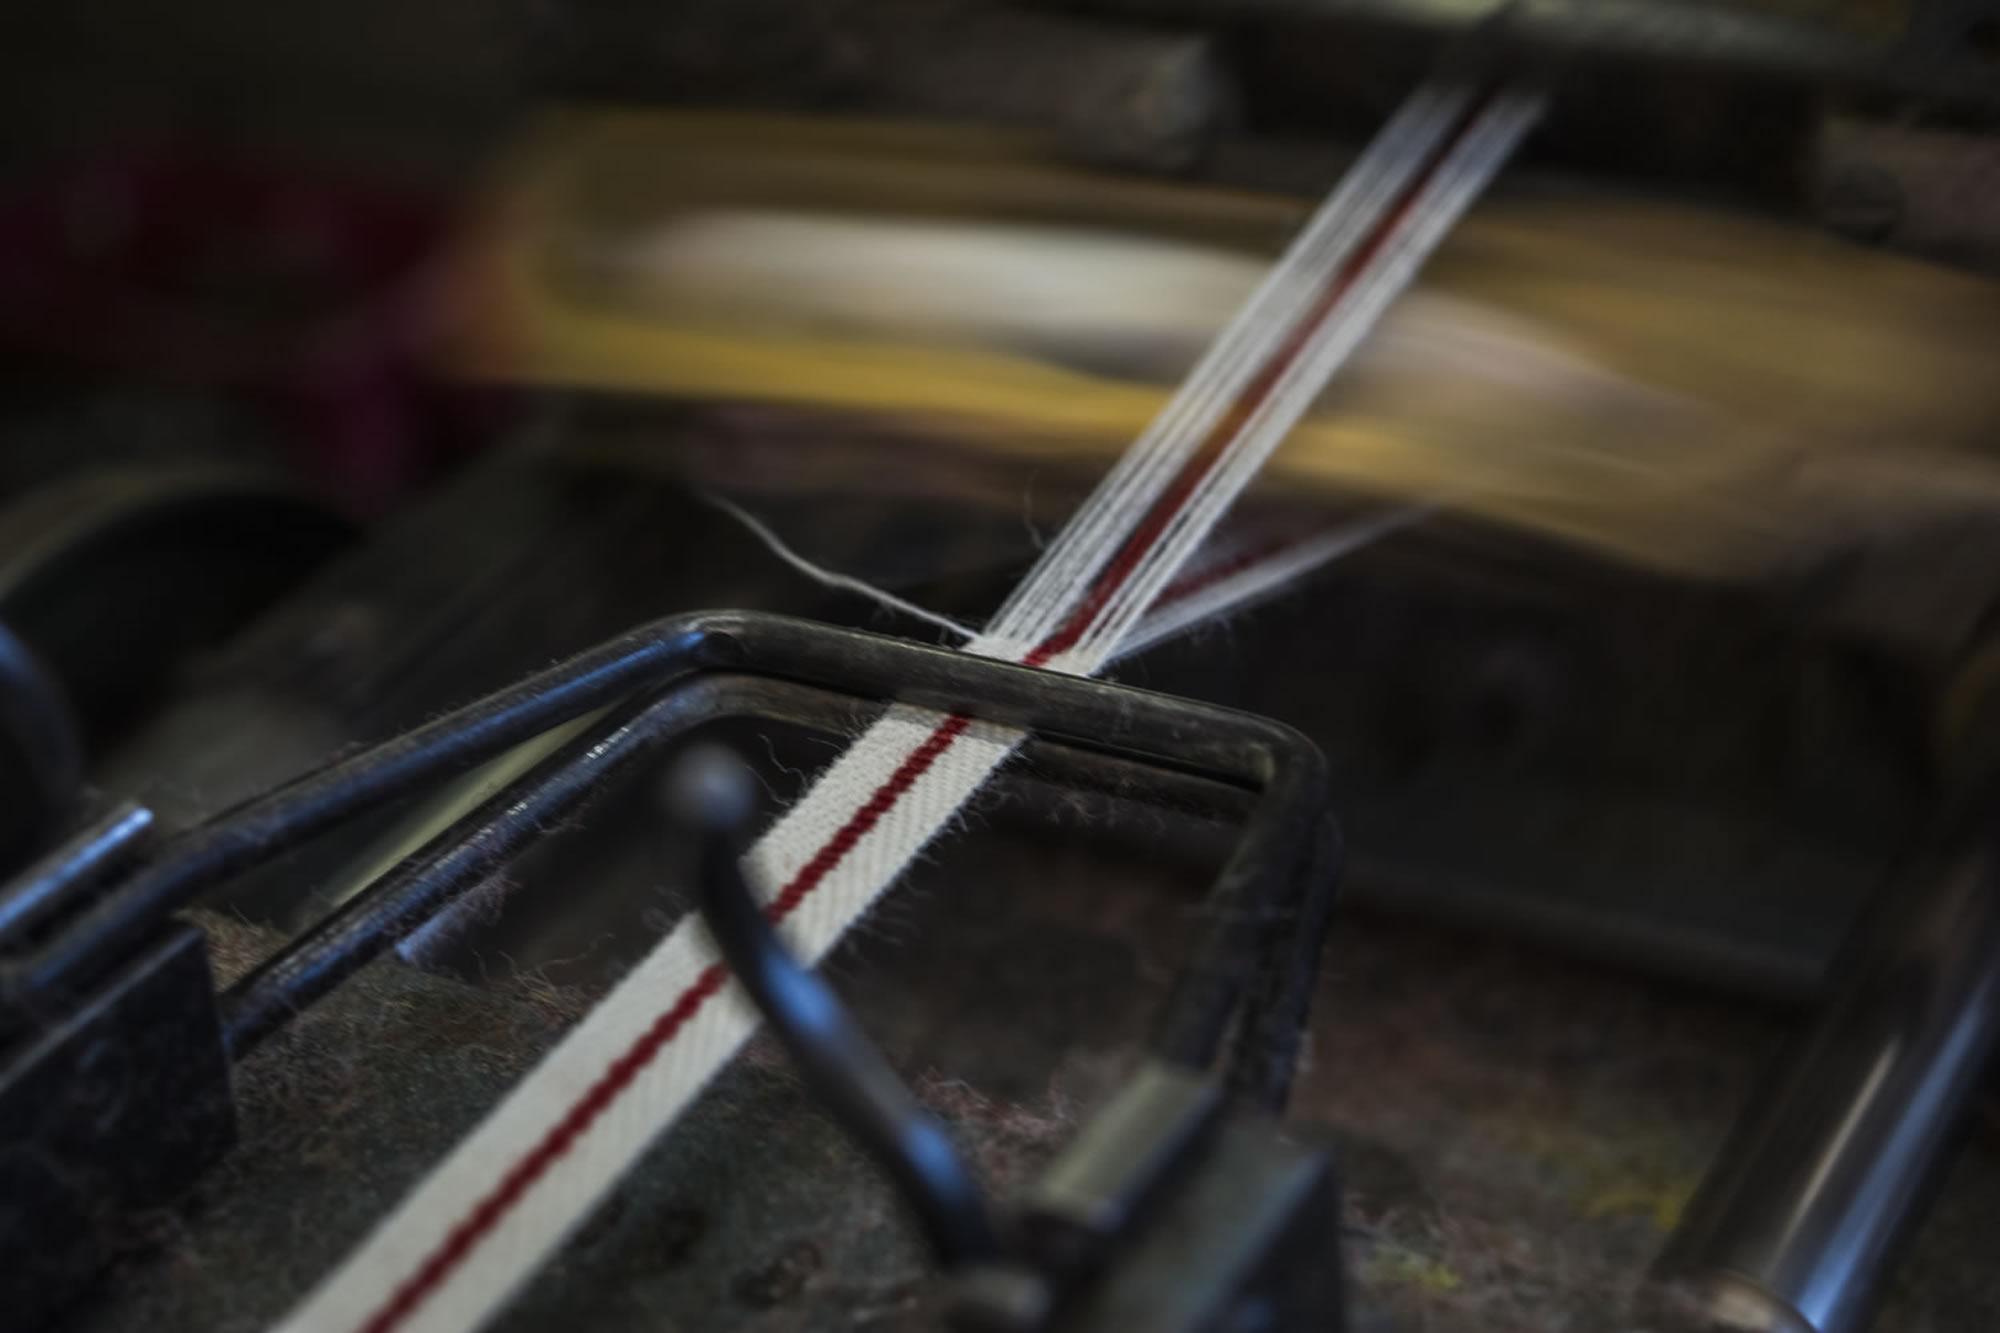 Regimental Tape Weaving